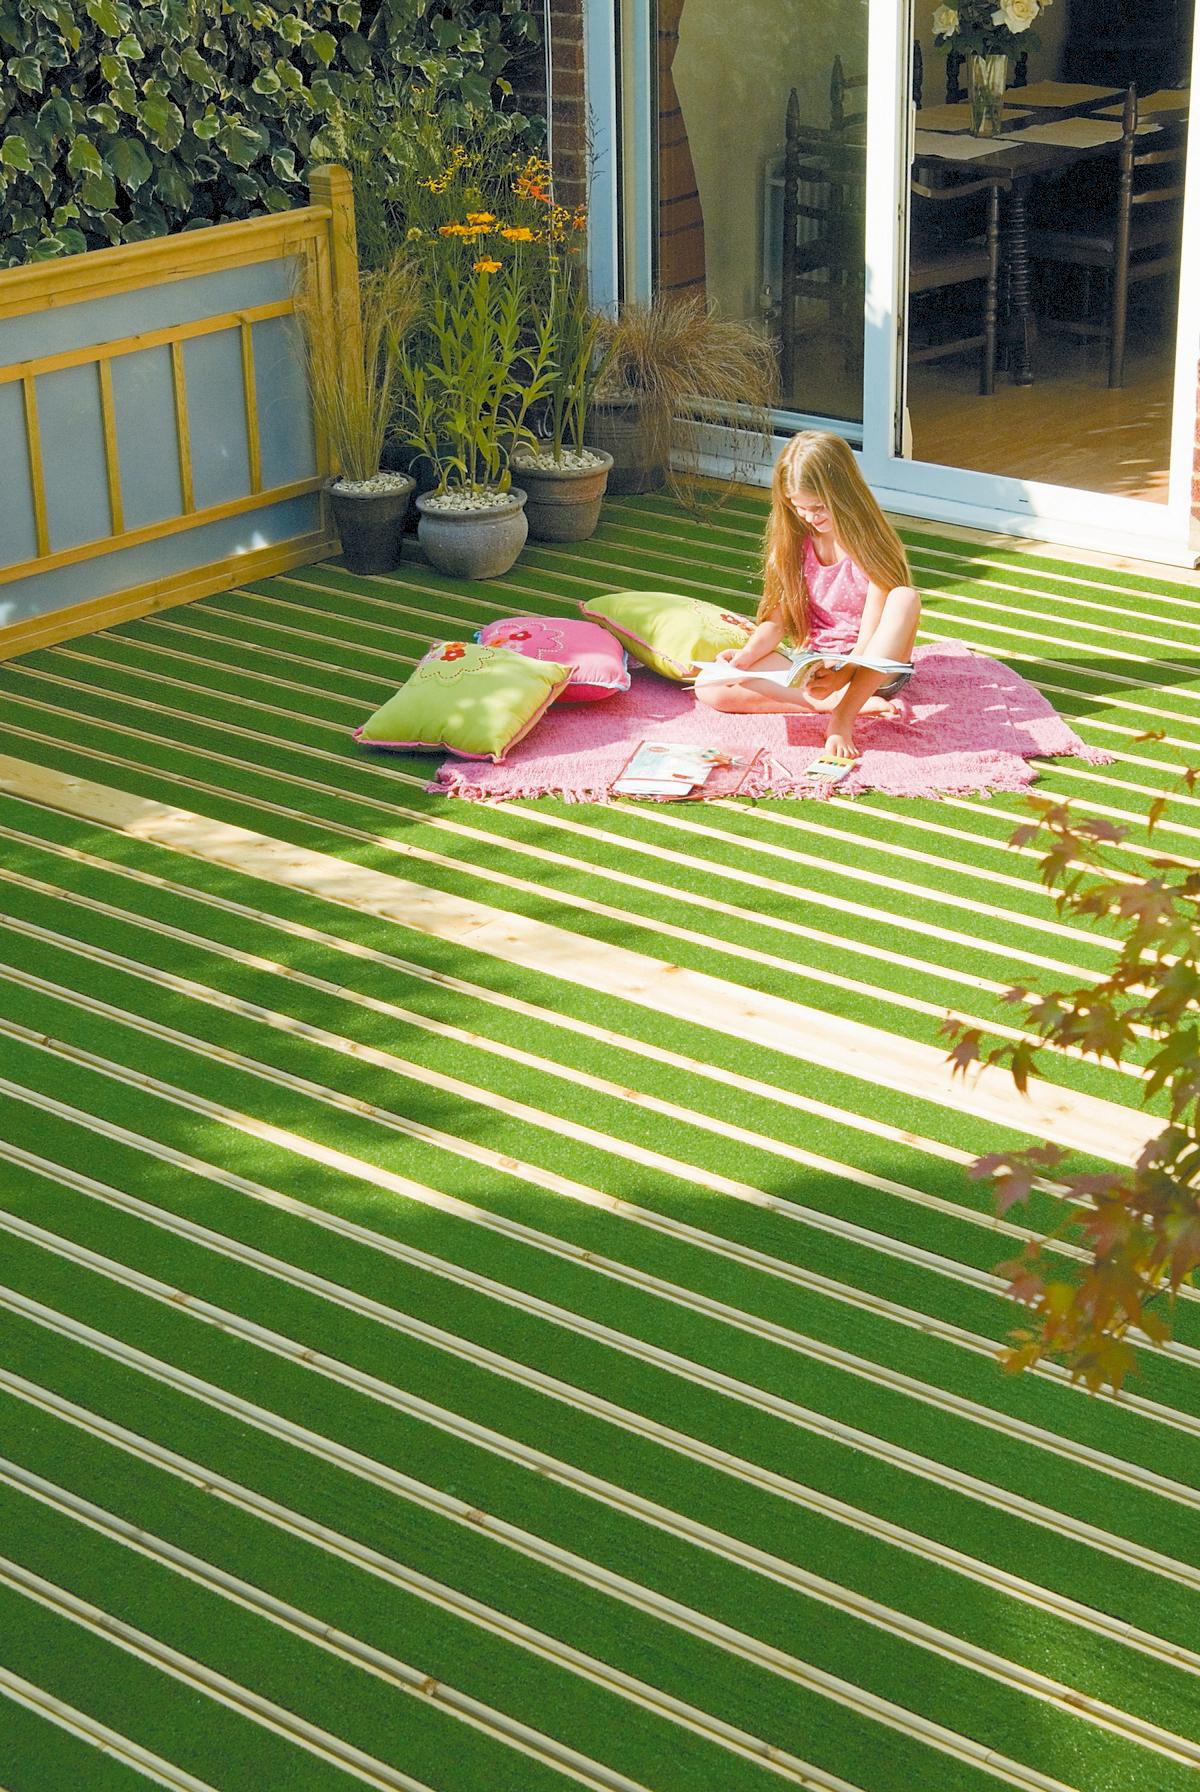 Gazon Synthetique Sur Terrasse Bois lames bois et gazon synthétique - eco maison bois